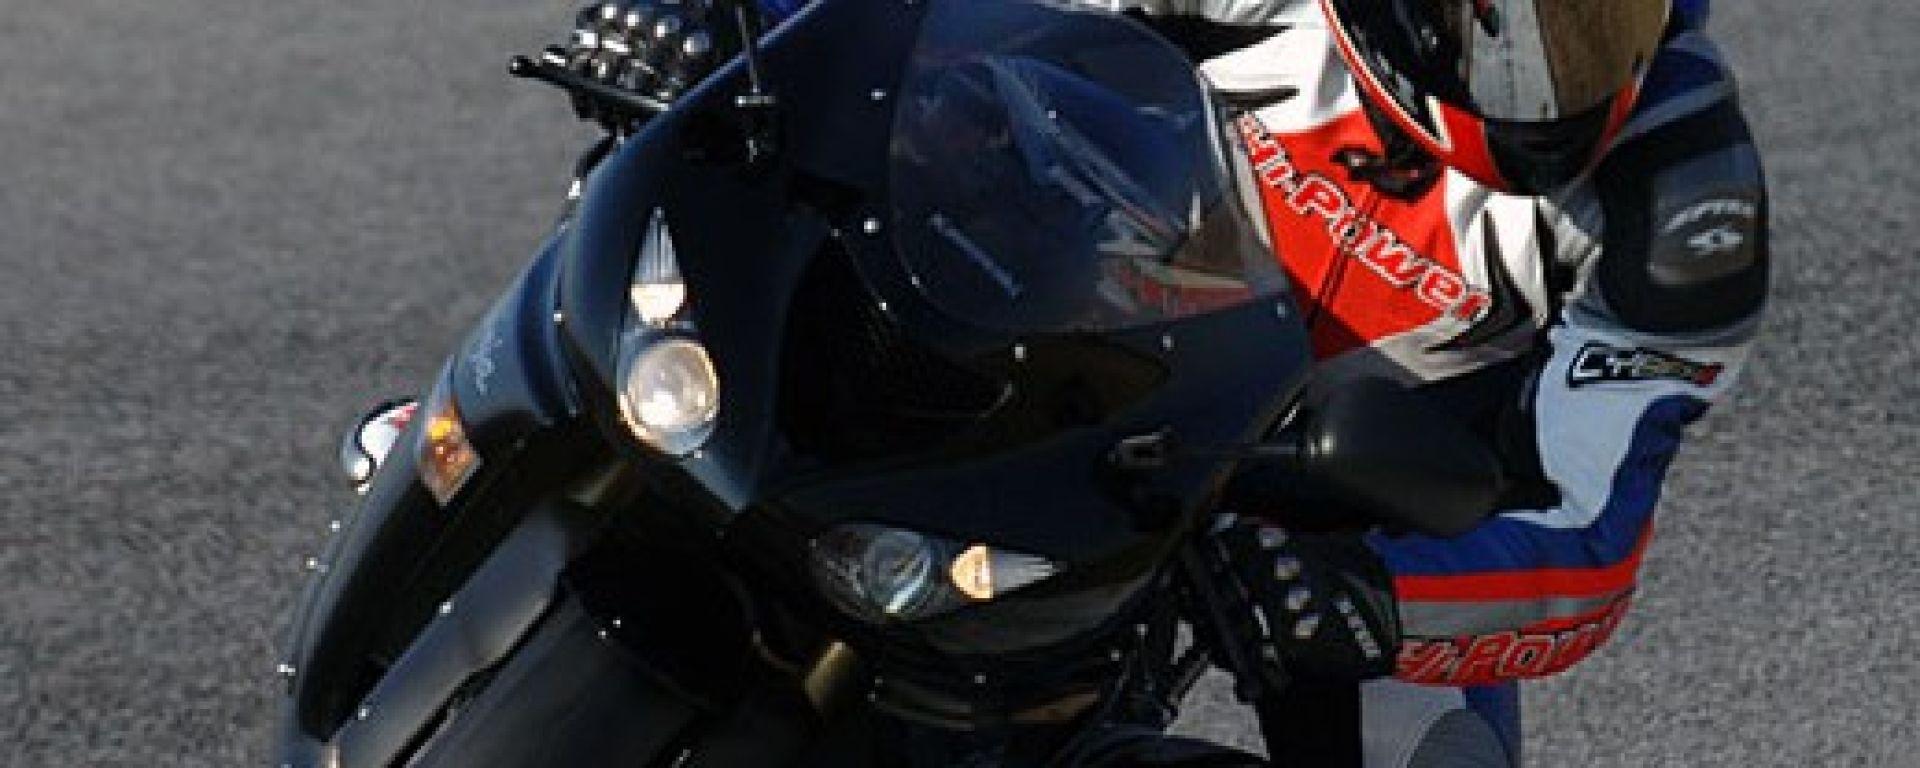 Kawasaki Ninja ZX-10R '06